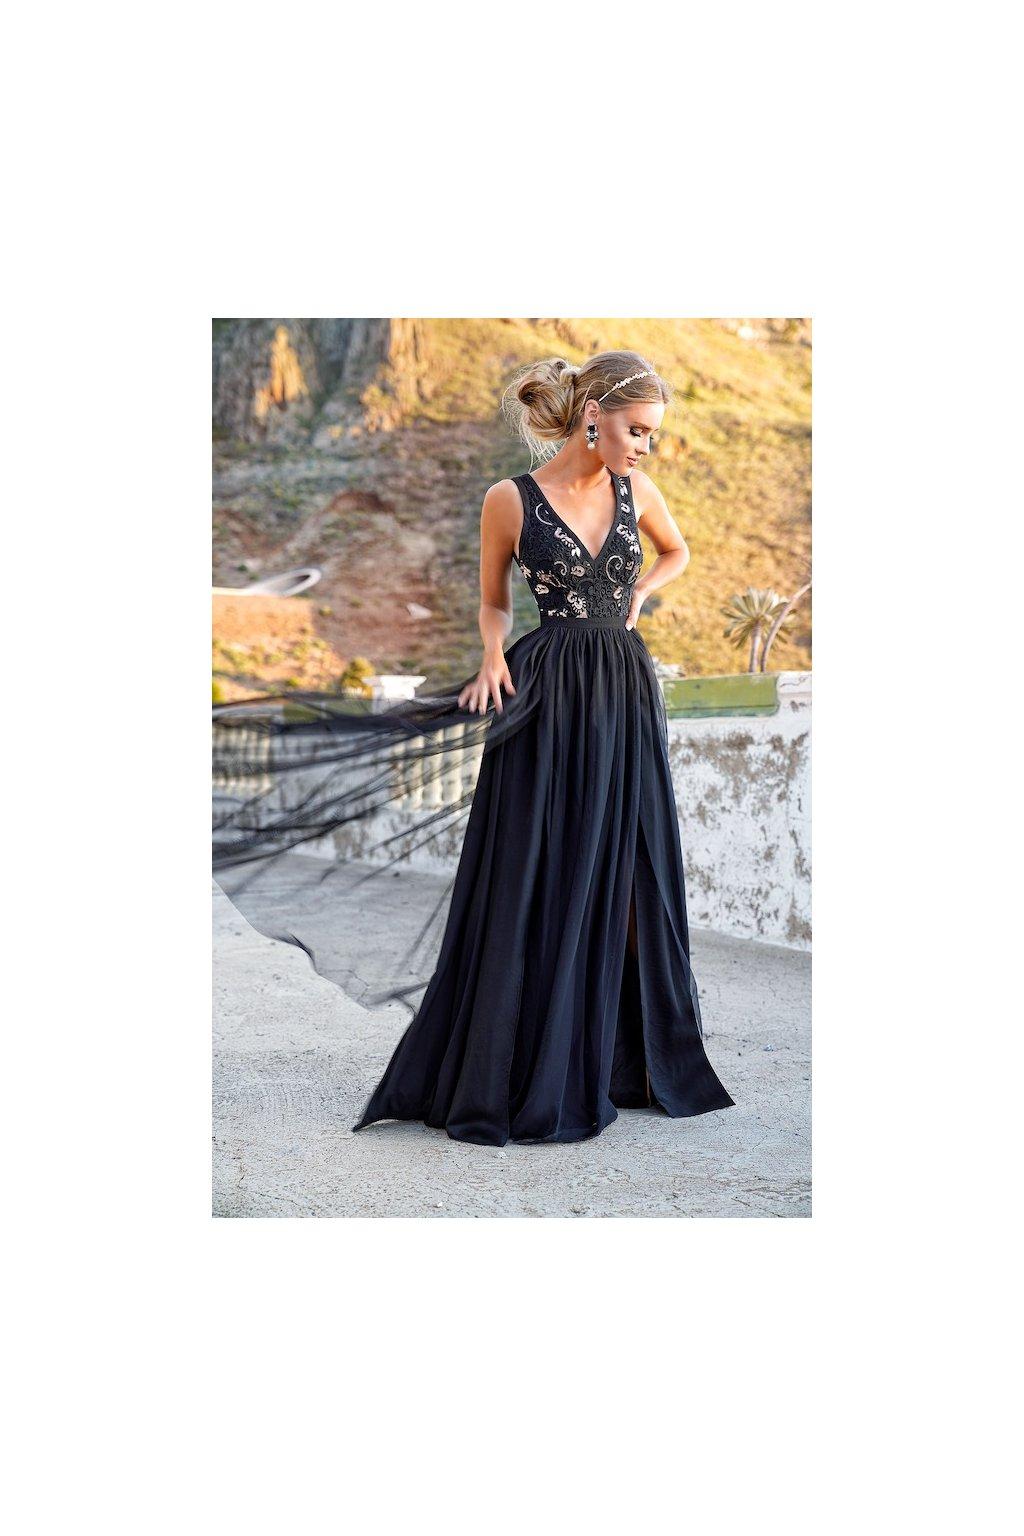 CHARLOTTE dámske dlhé spoločenské šaty s rozparkami - čierne